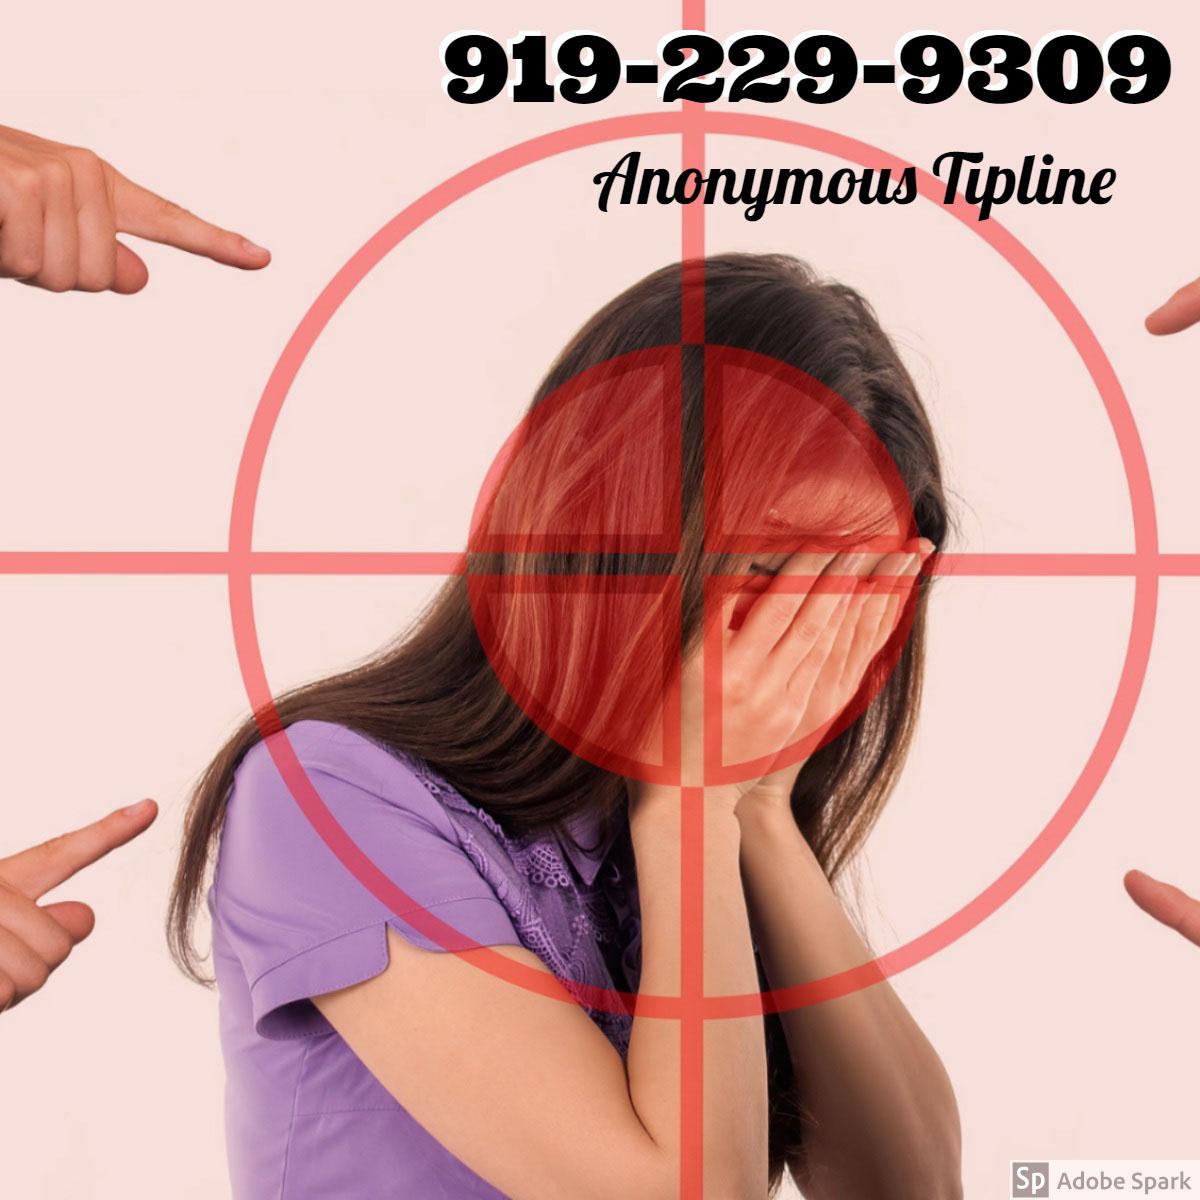 919-229-9309 919-229-9309<P>Anonymous Tipline